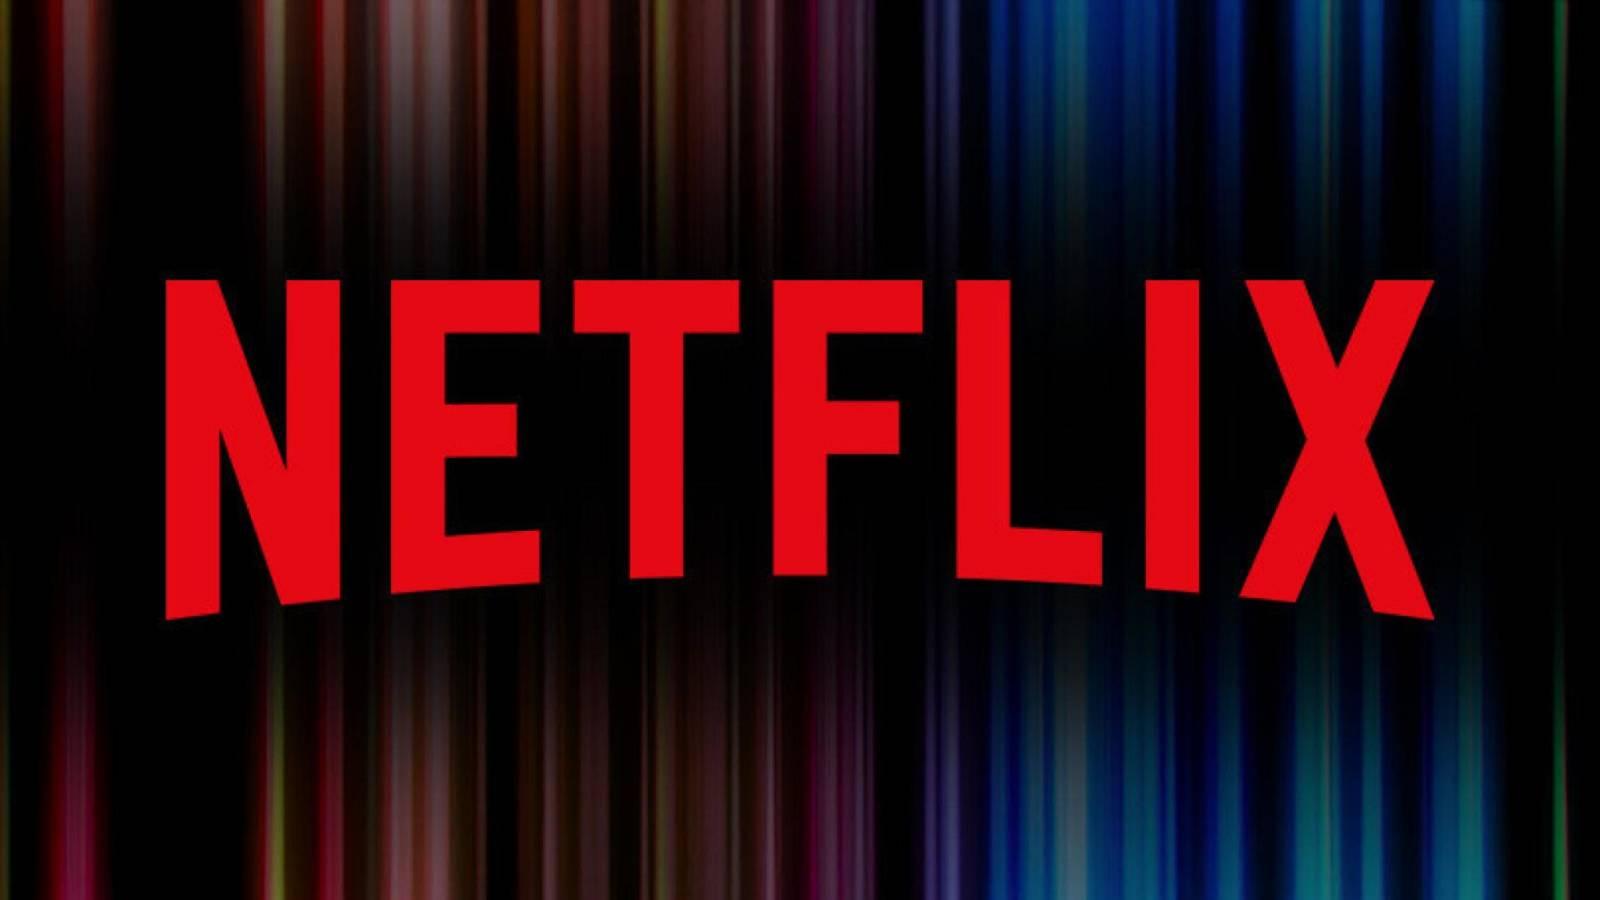 Les sorties films et séries du moLes sorties films et séries du mois de juin sur Netflixis de juin sur Netflix